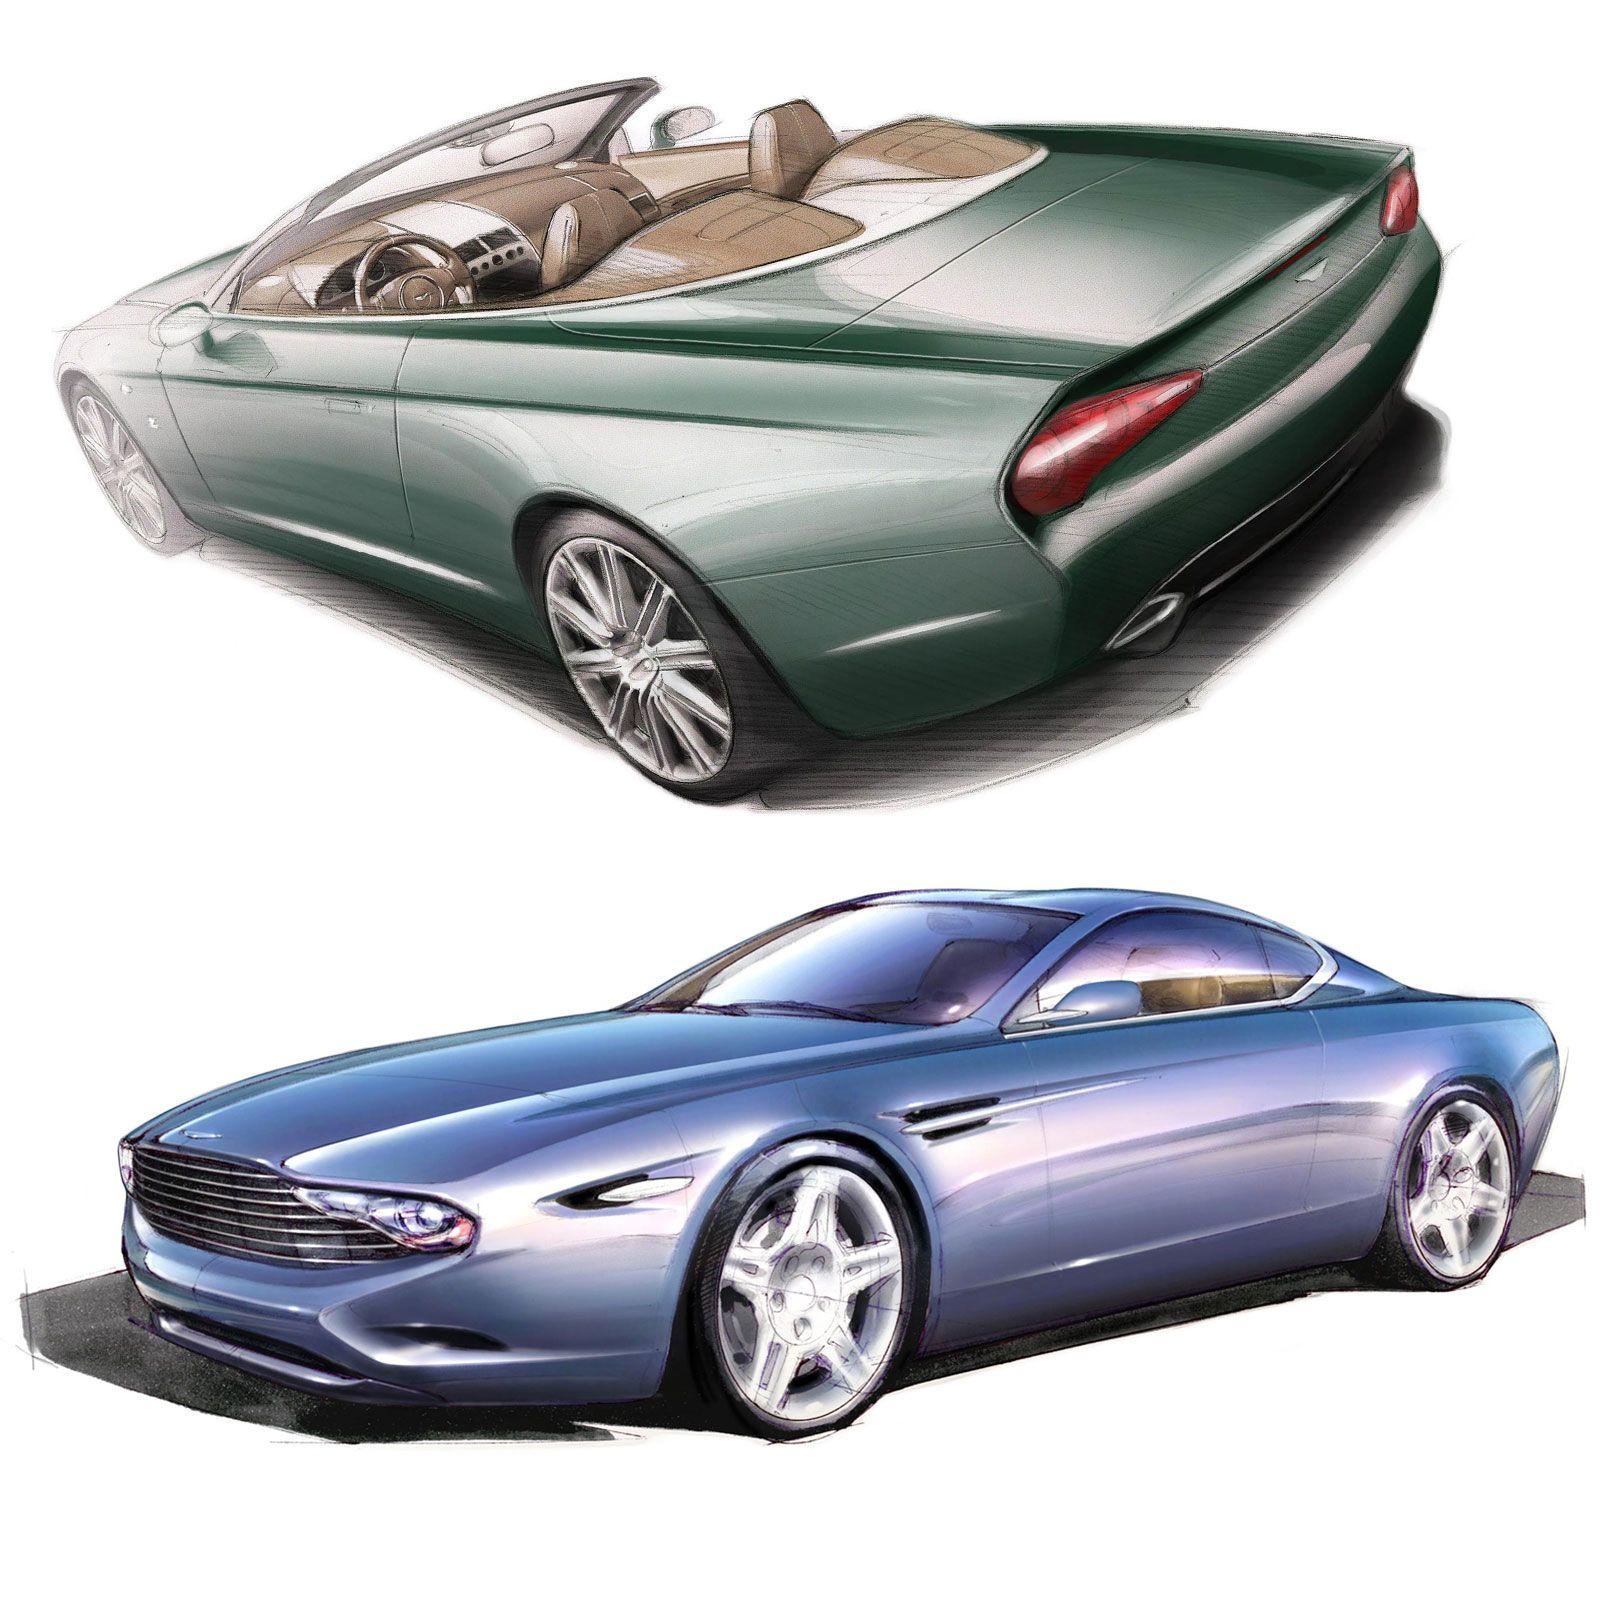 Aston Martin Sketch: Zagato Previews Aston Martin DB9 Spyder And DBS Coupé